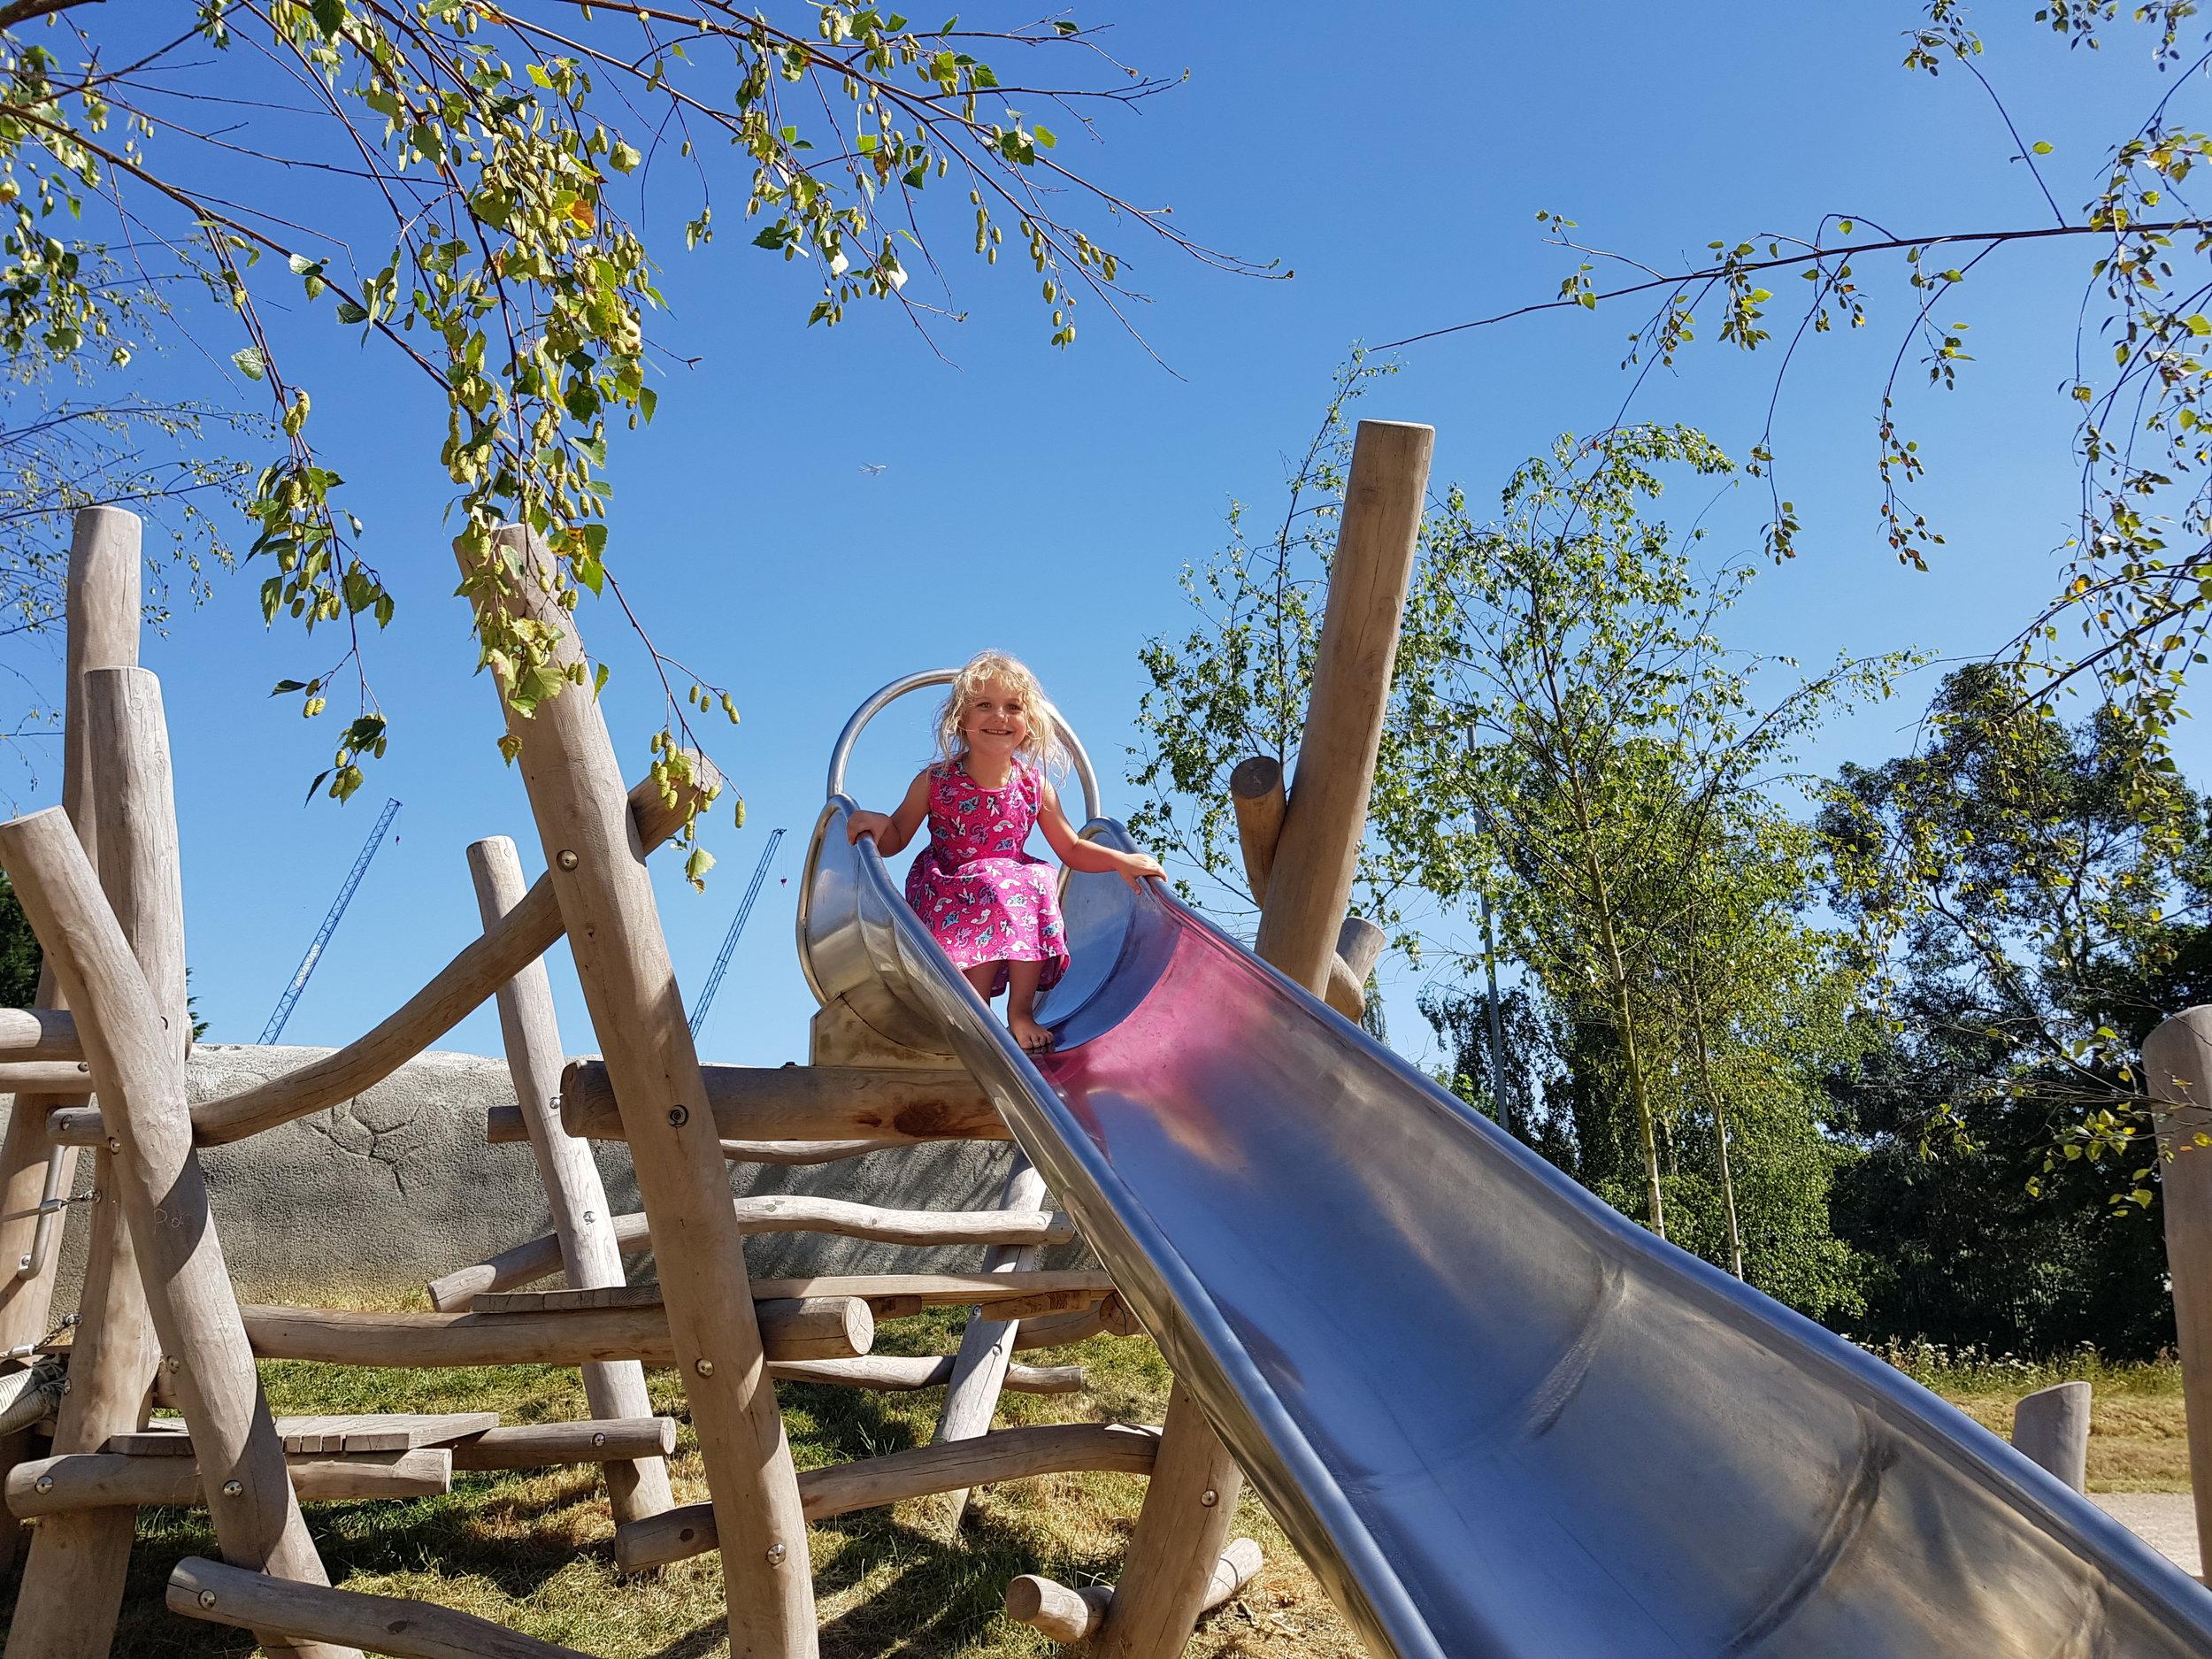 Harwood's Adventure Playground, Watford